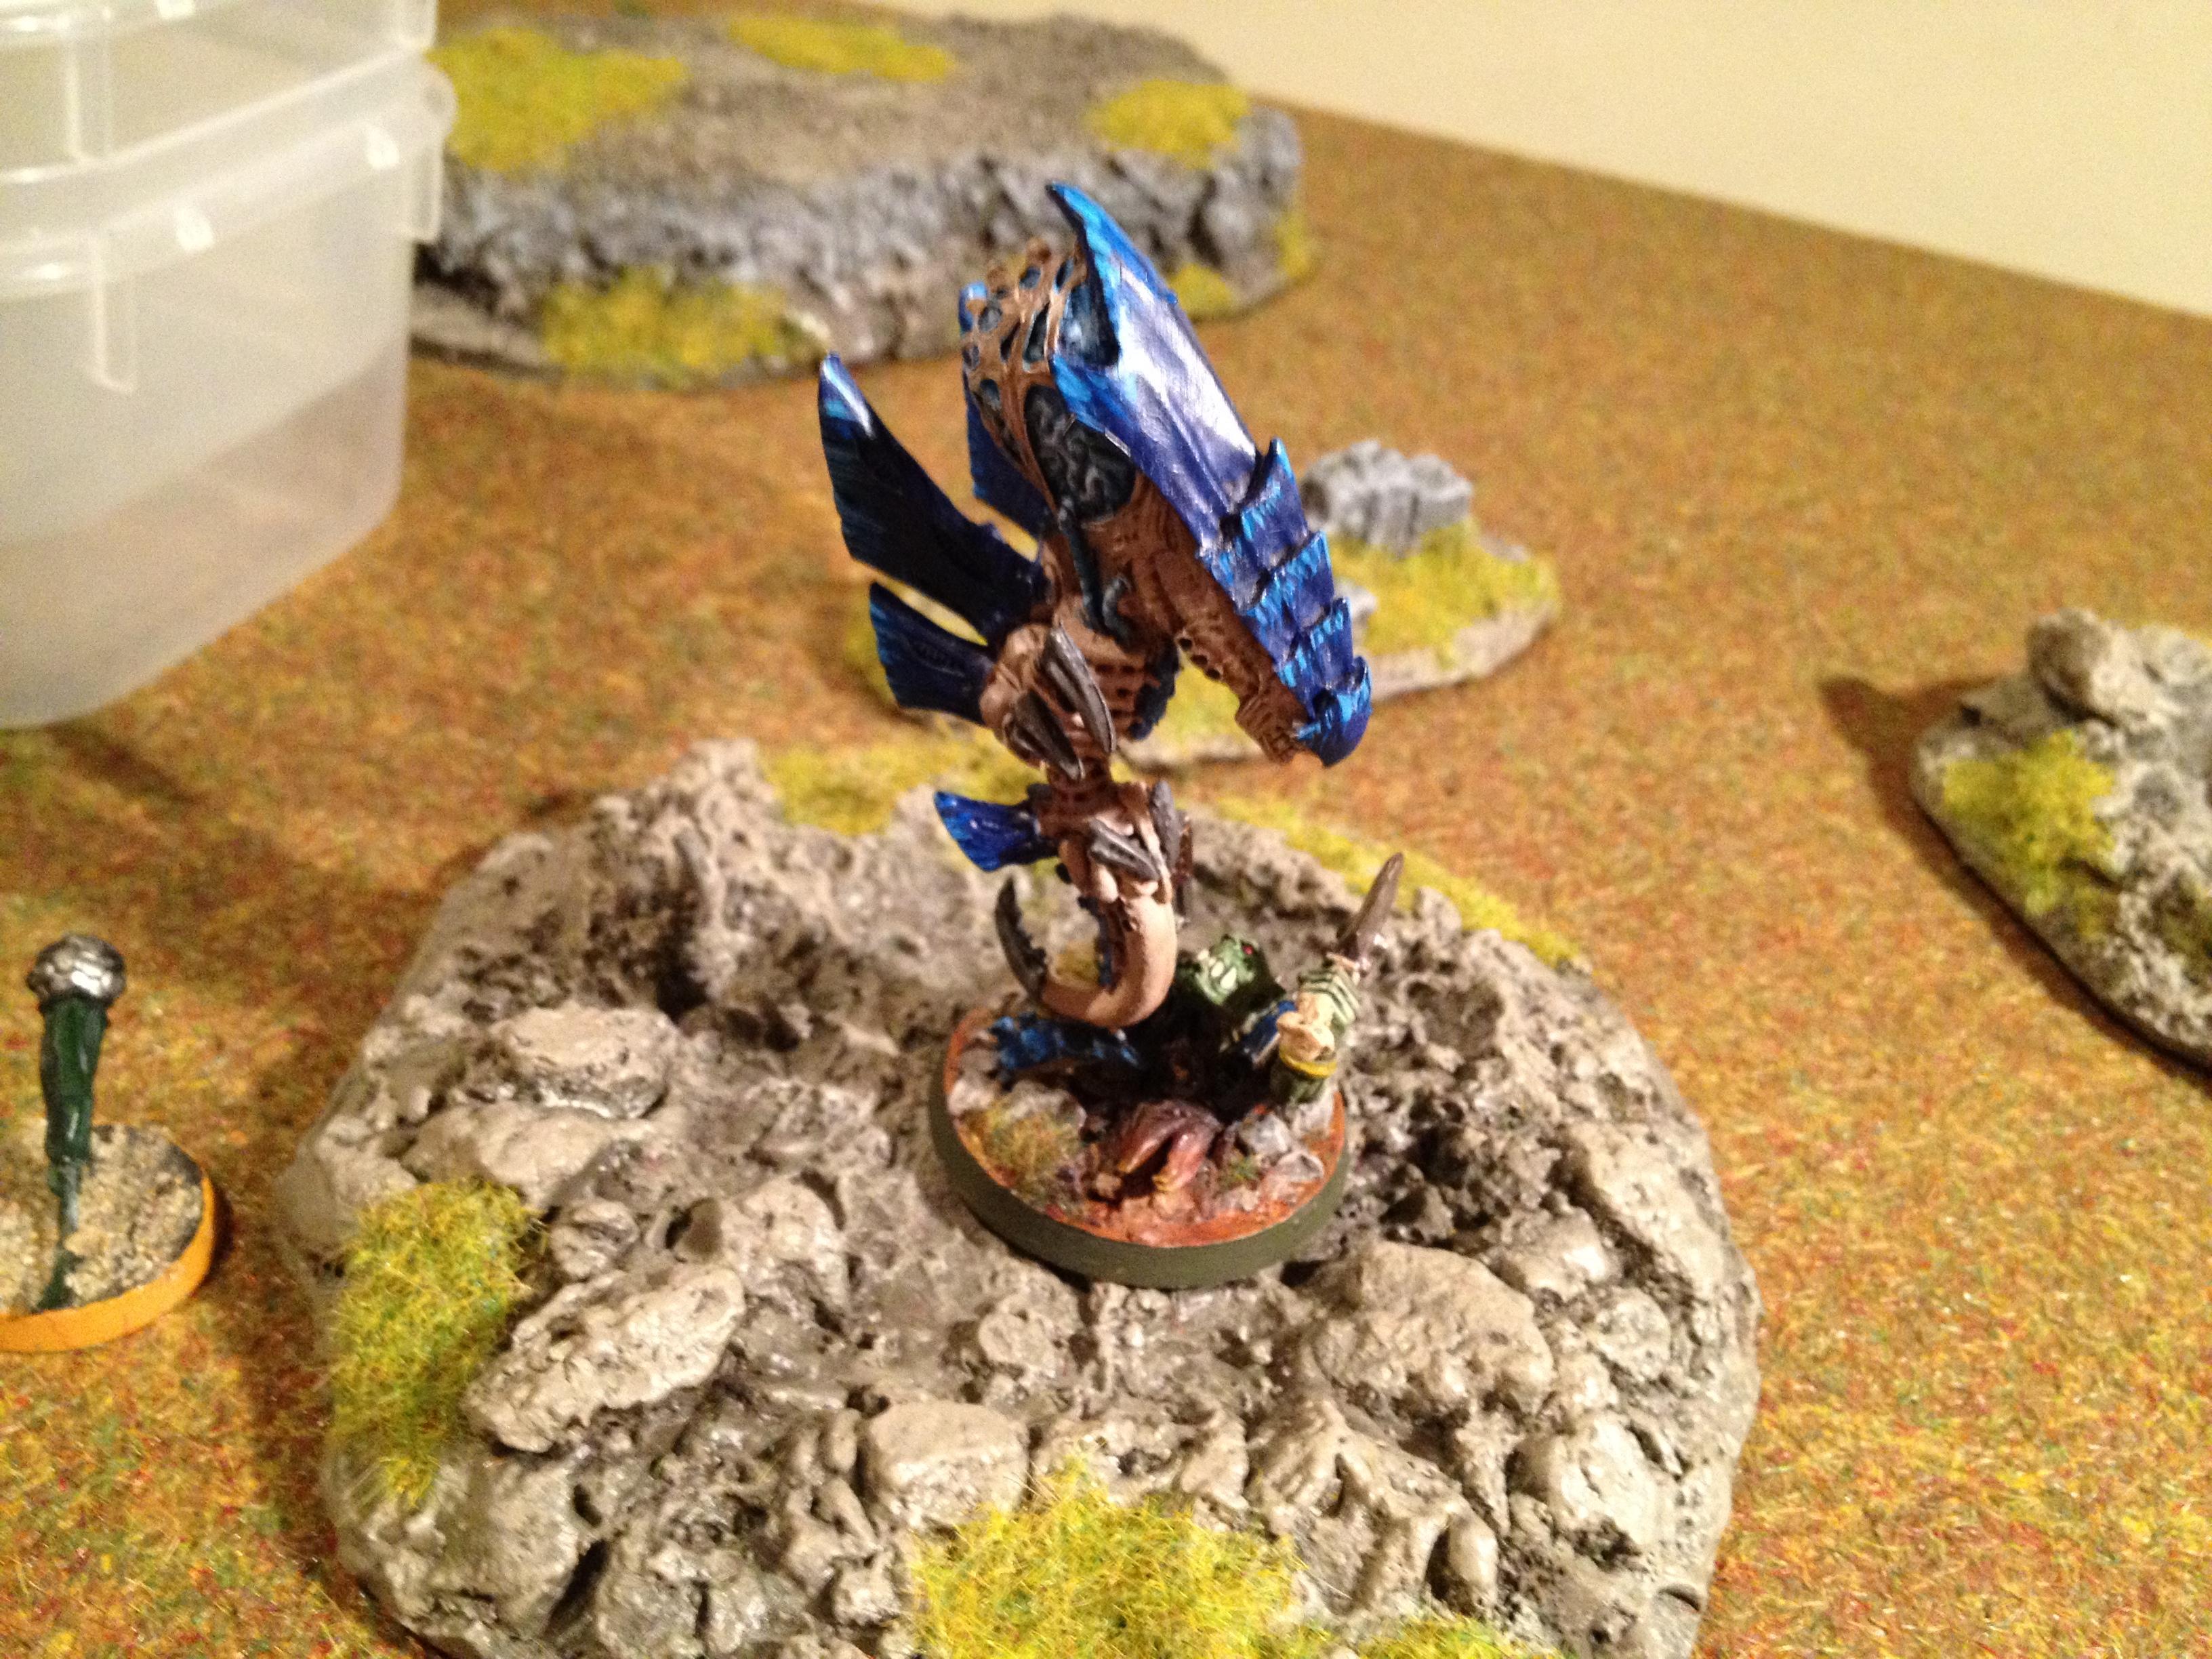 Zoanthrope Hive fleet BLUEhemoth